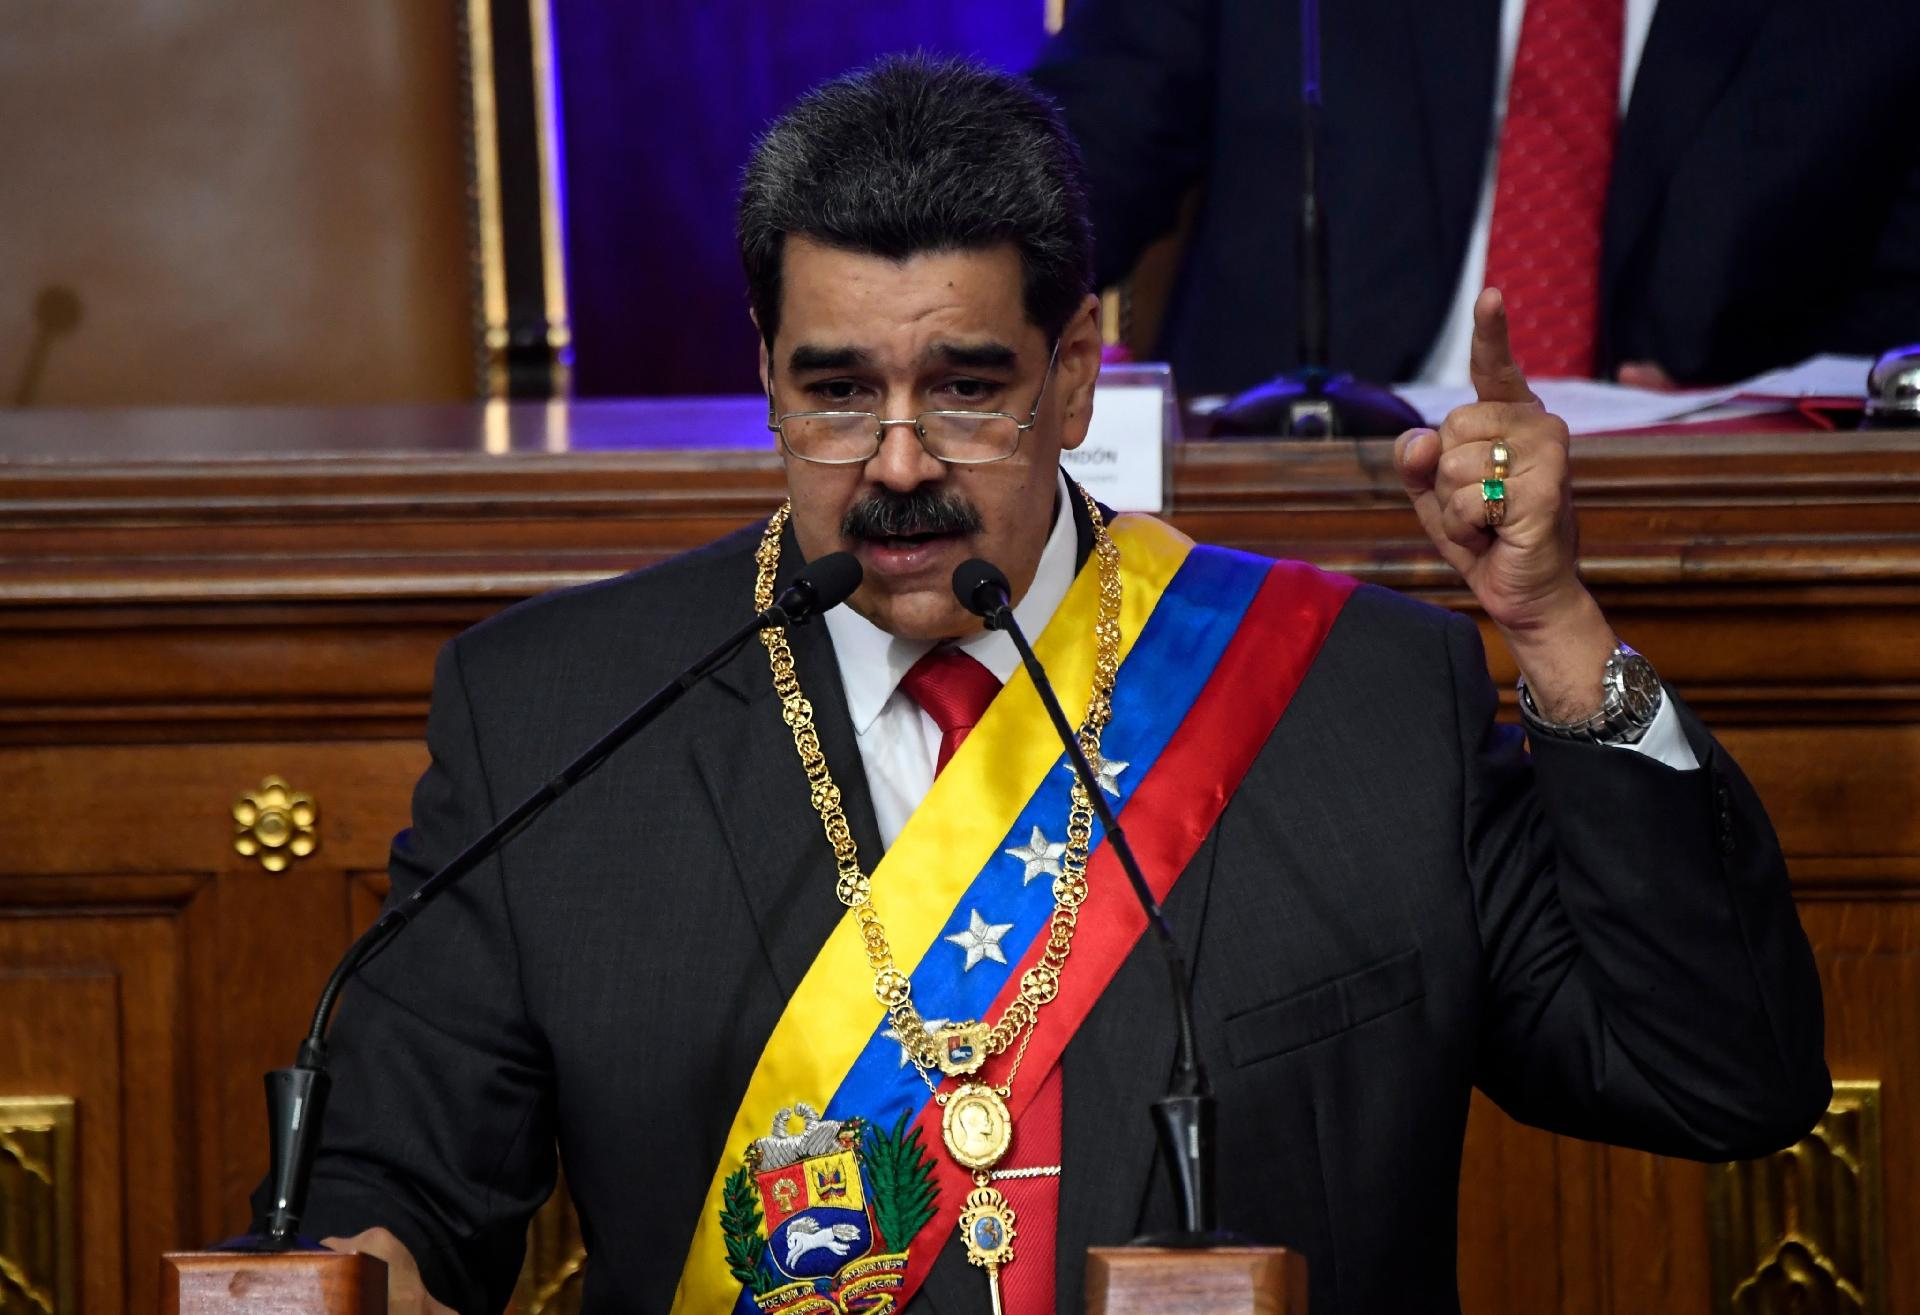 Ditadura venezuelana tem 276 presos políticos